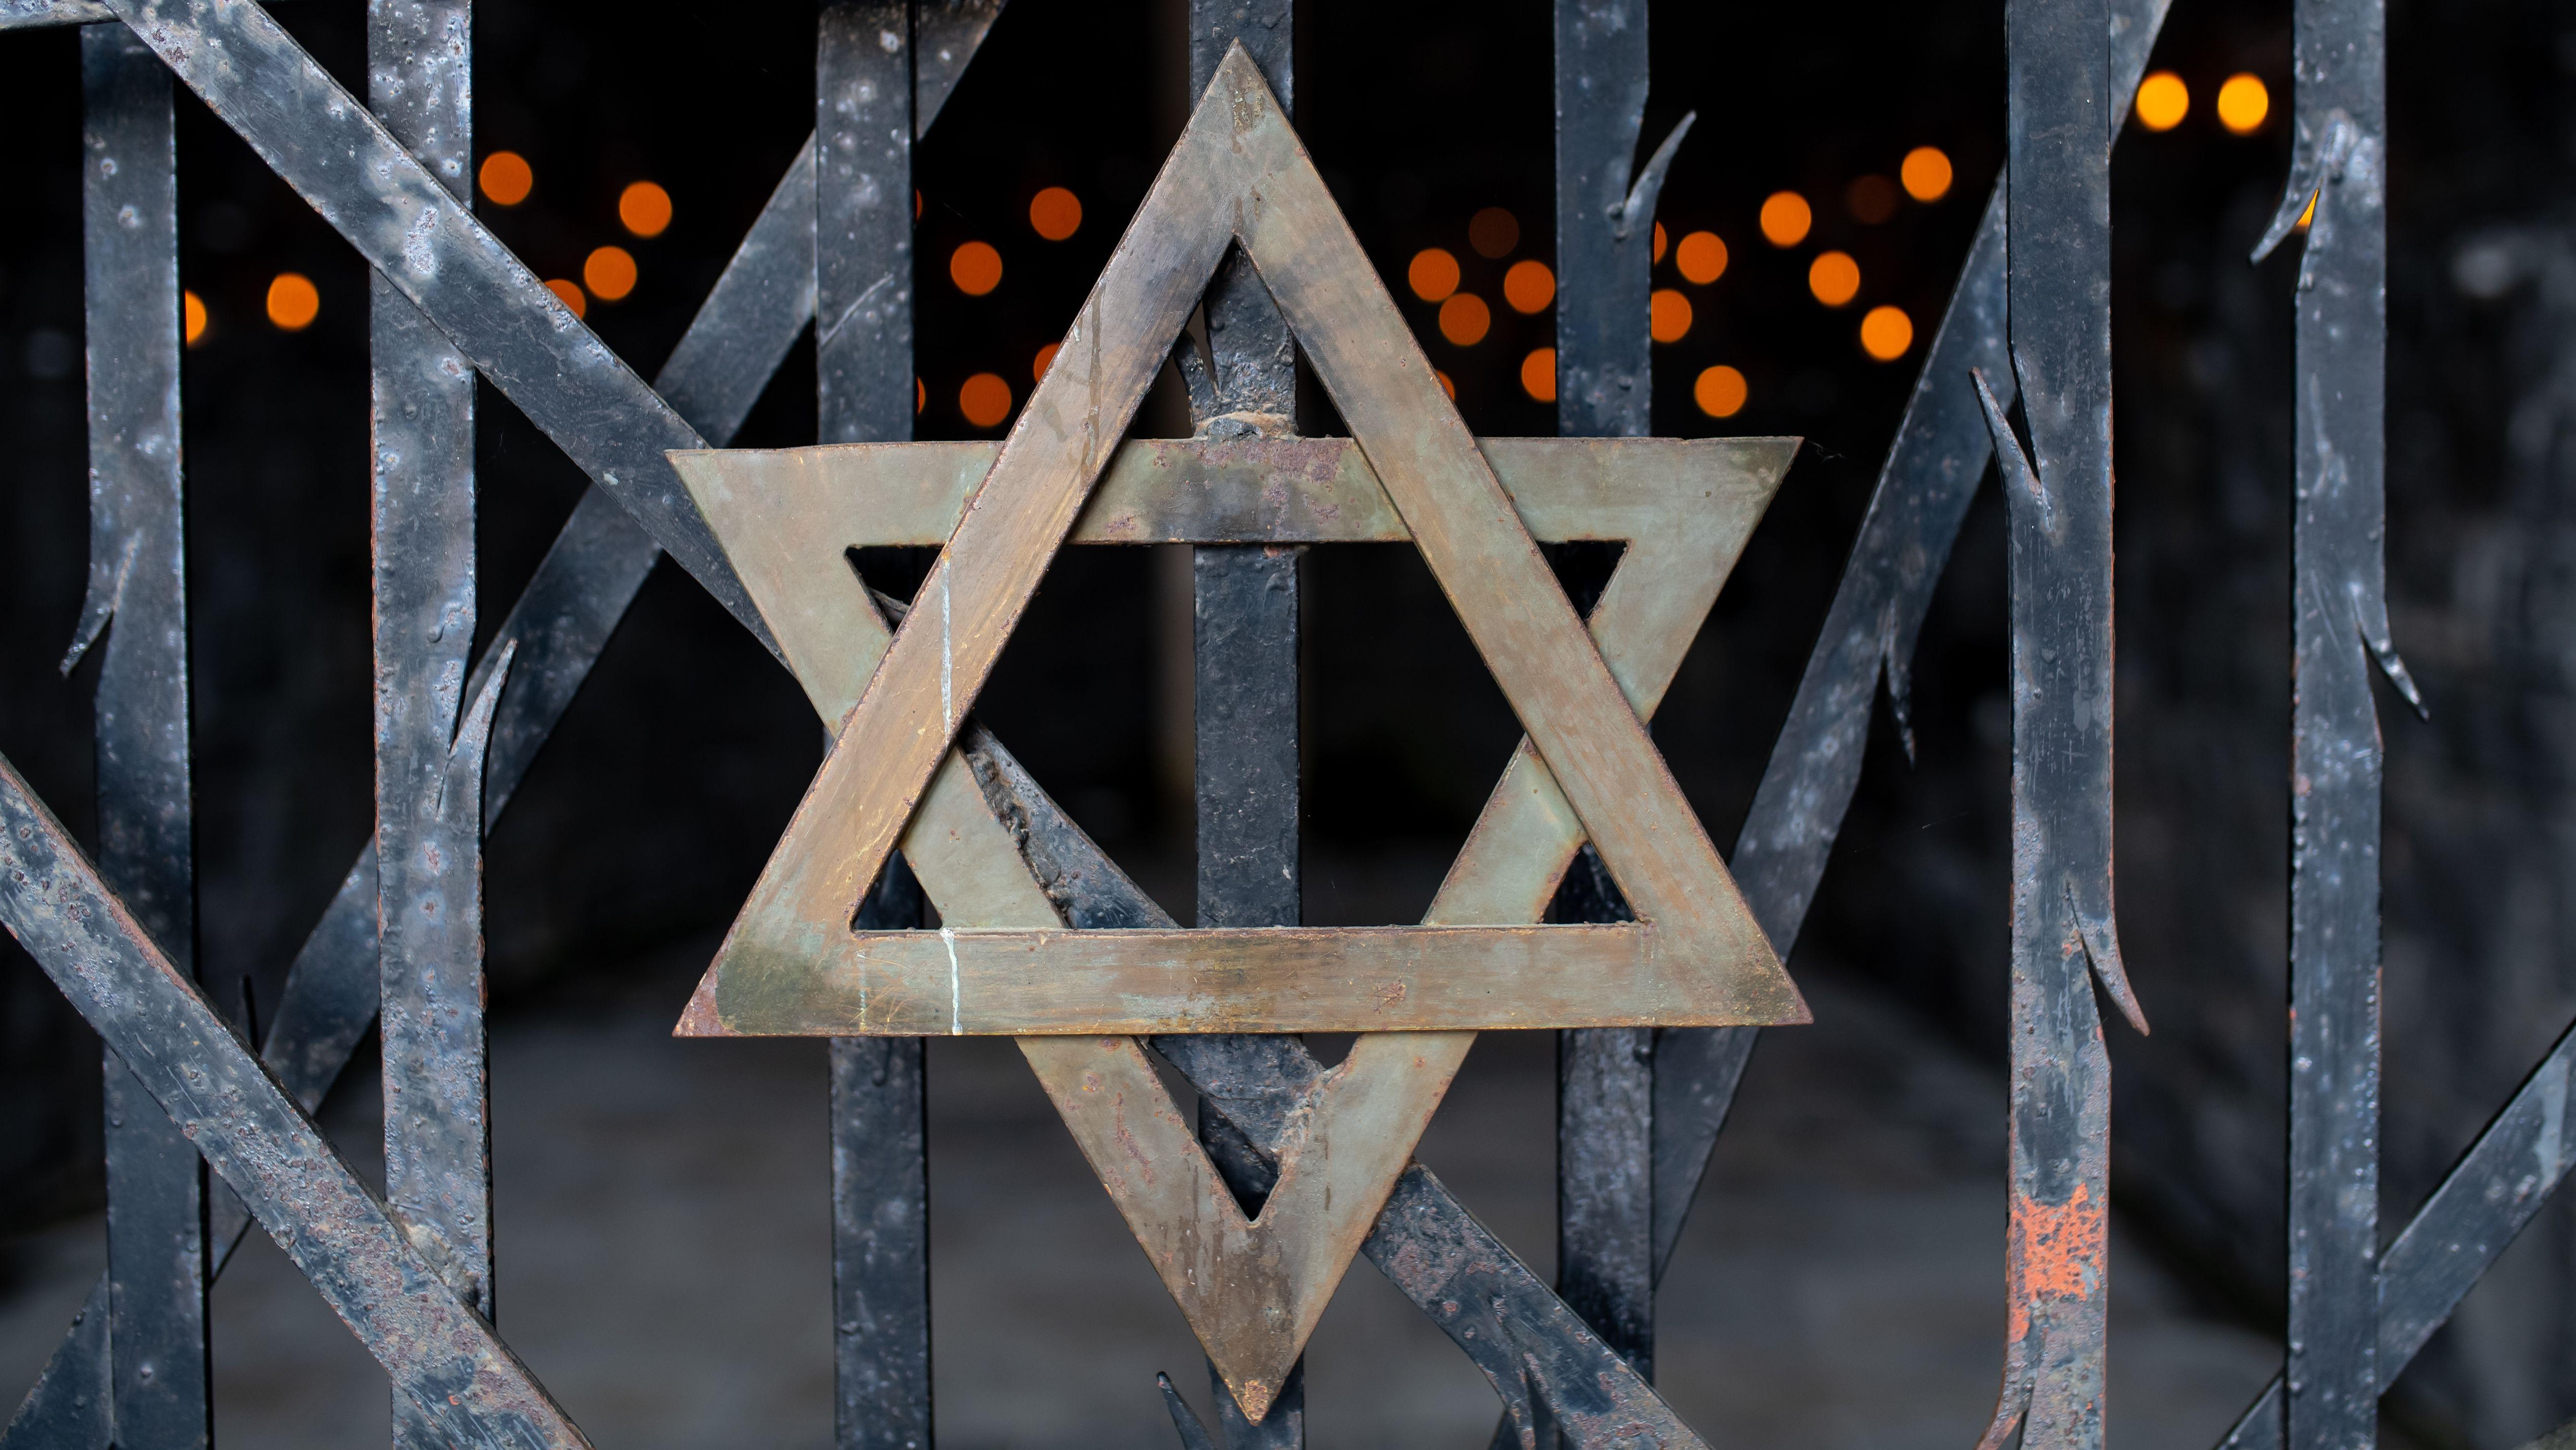 In Deutschland gab es 2019 deutlich mehr antisemitische Straftaten als im Jahr zuvor.